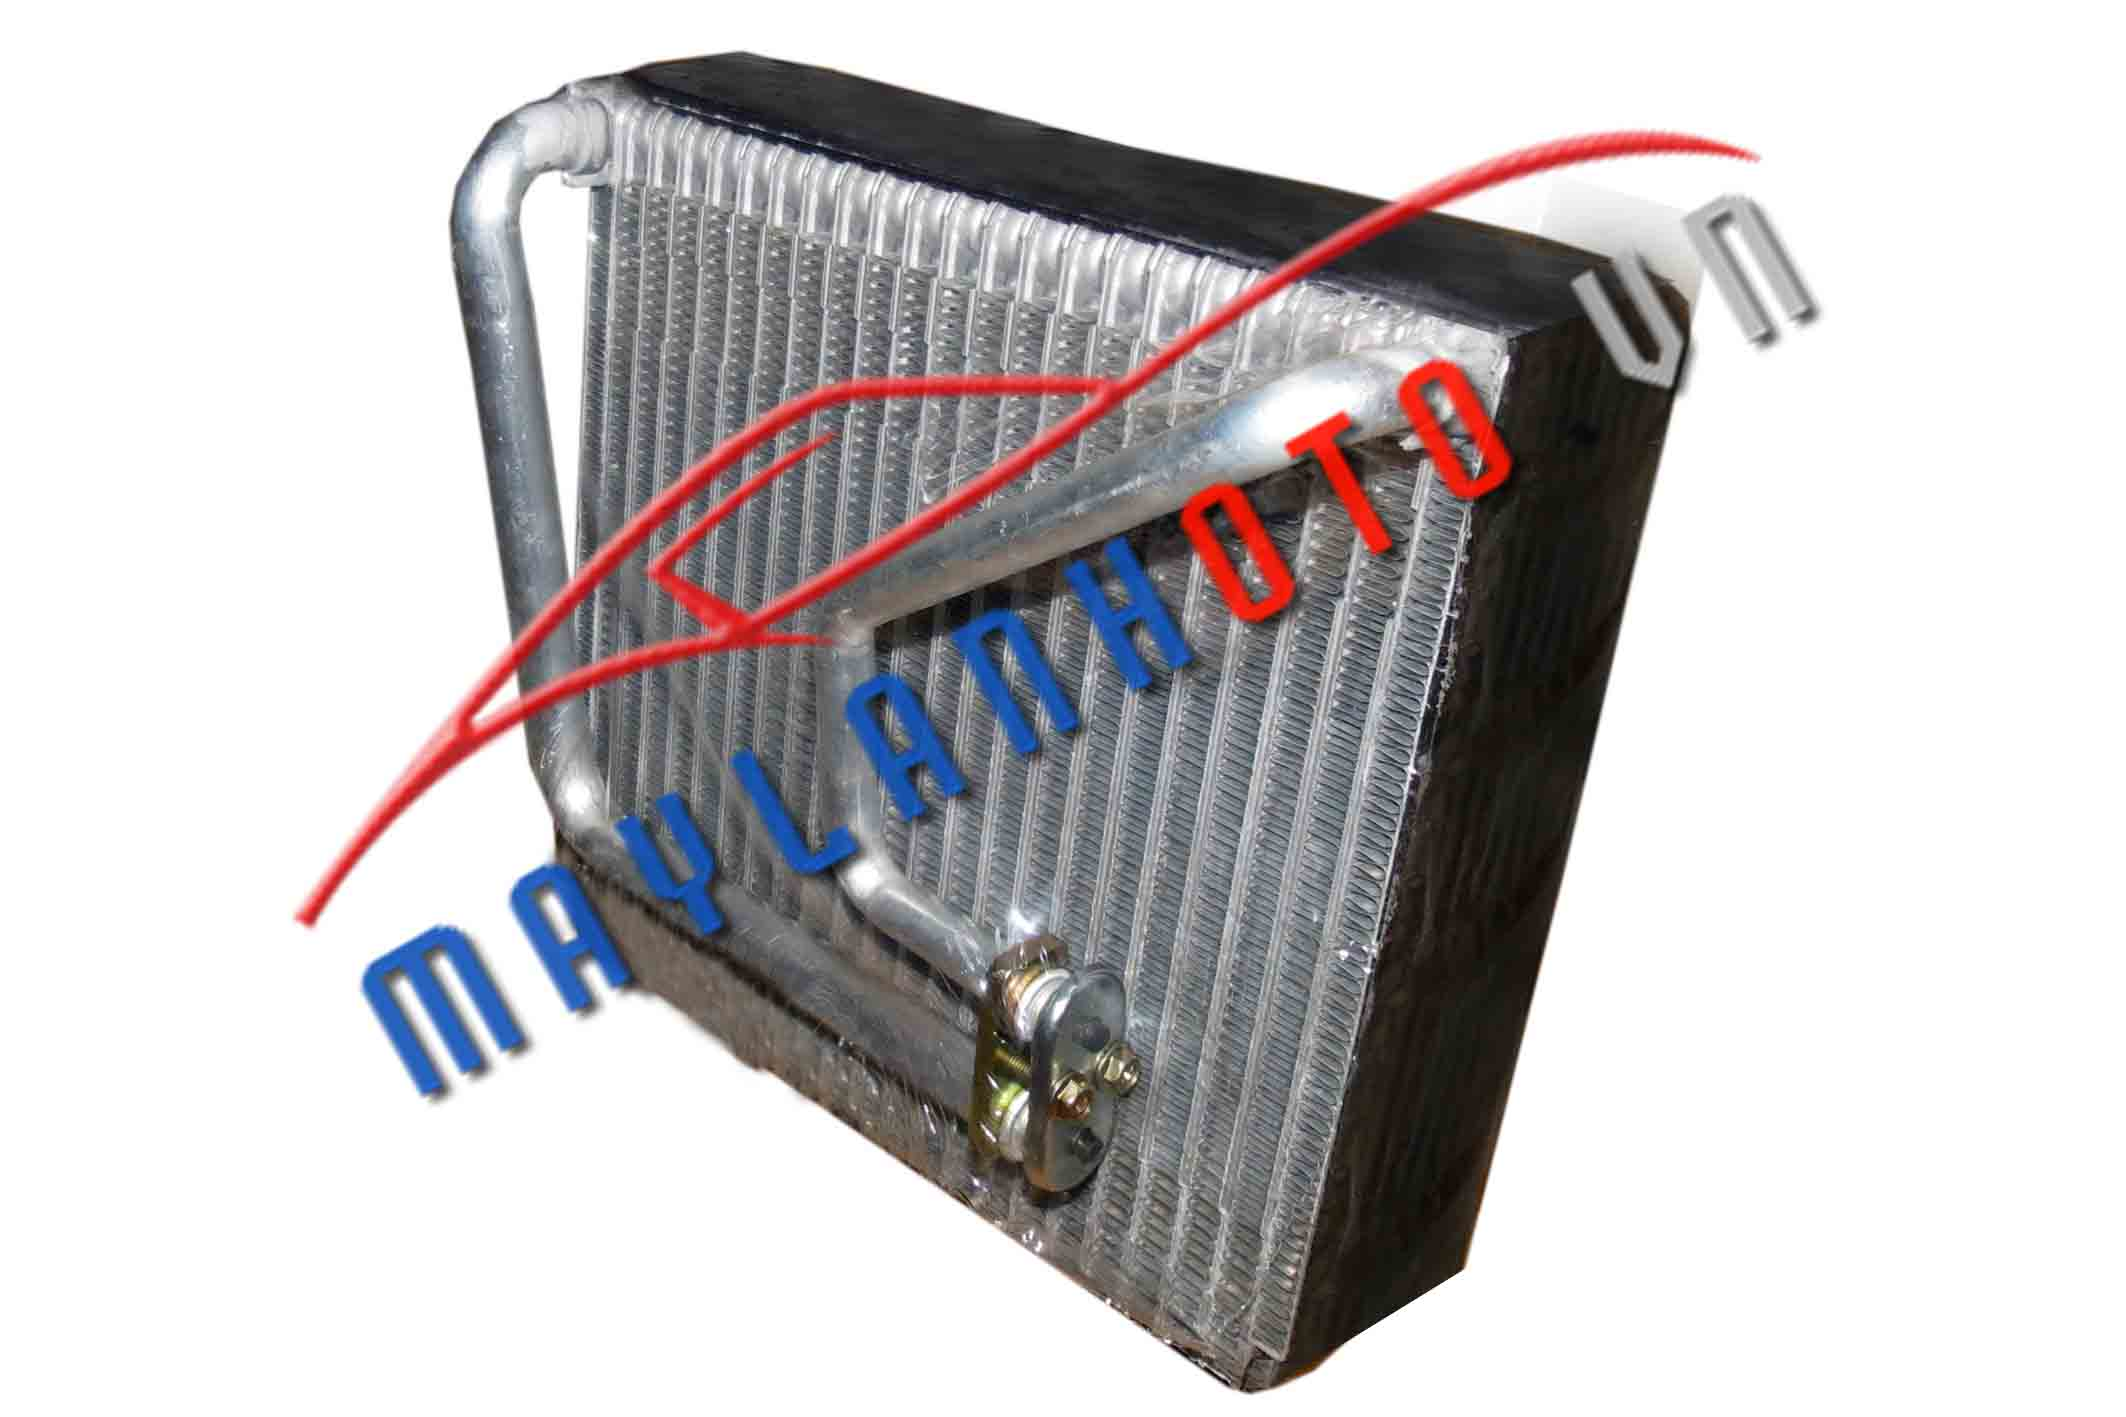 CAMC / Dàn lạnh điều hòa CAMC/ Giàn lạnh điều hòa CAMC